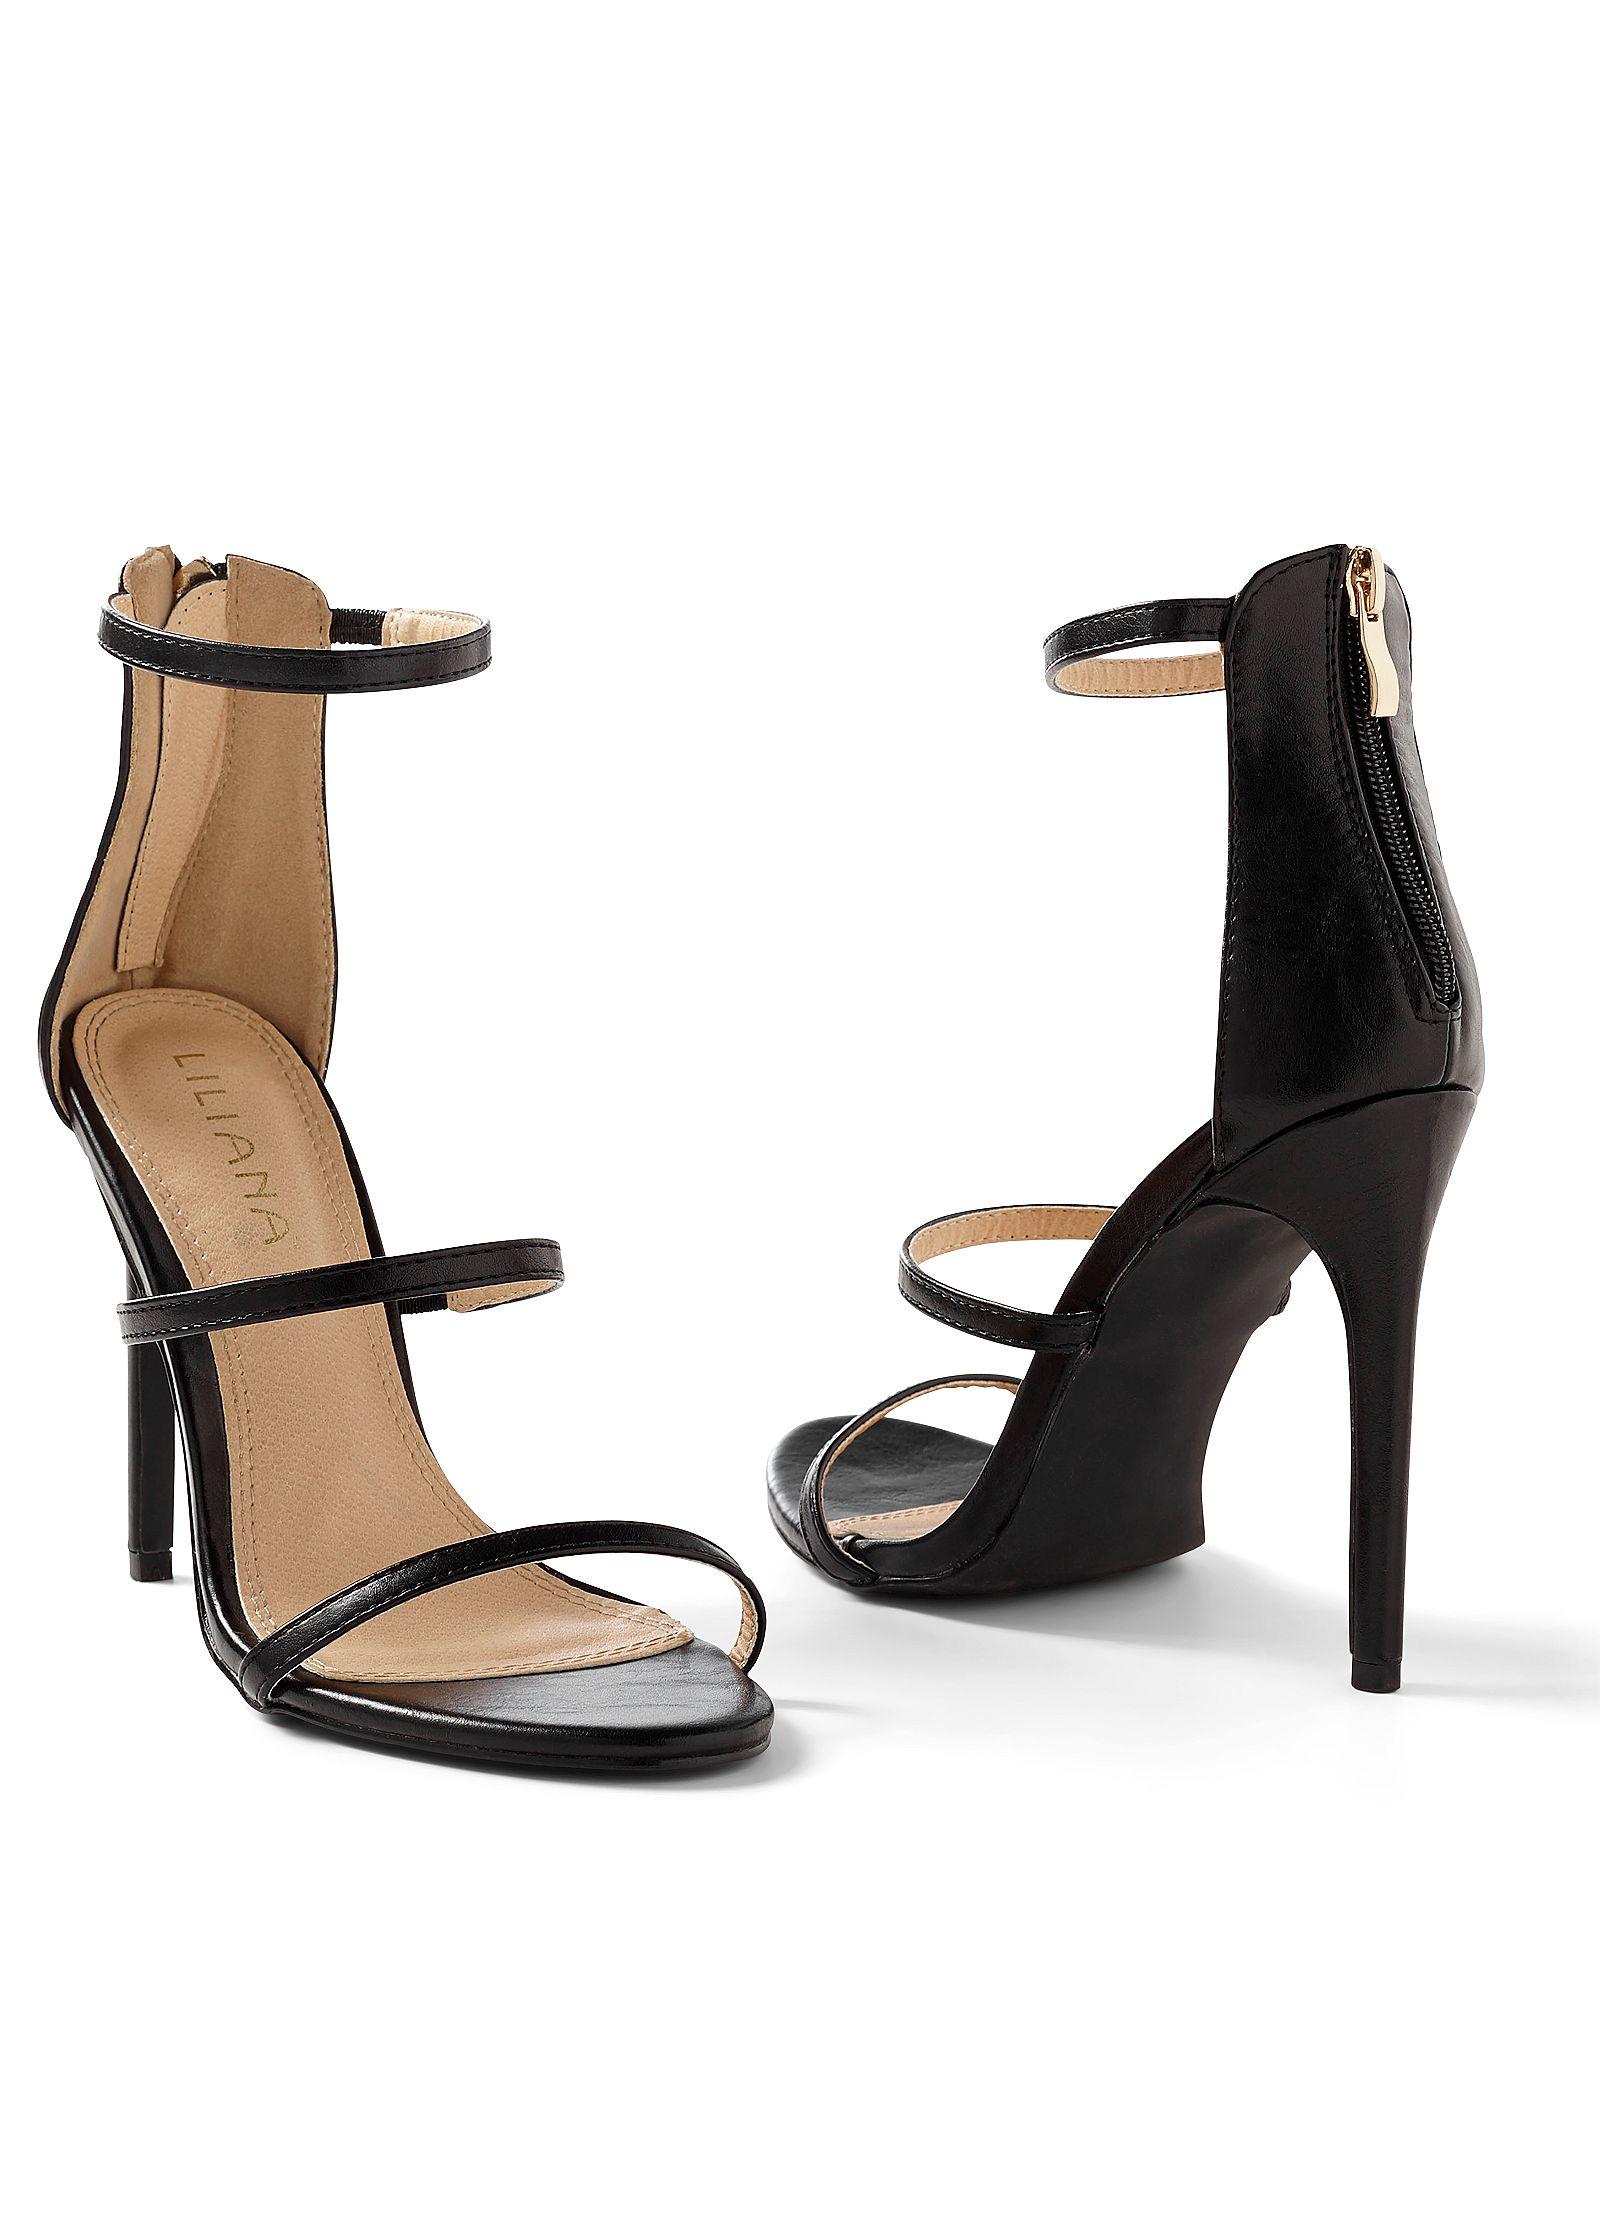 High Heel Strappy Sandals BlackVenus In n0XN8kOwP